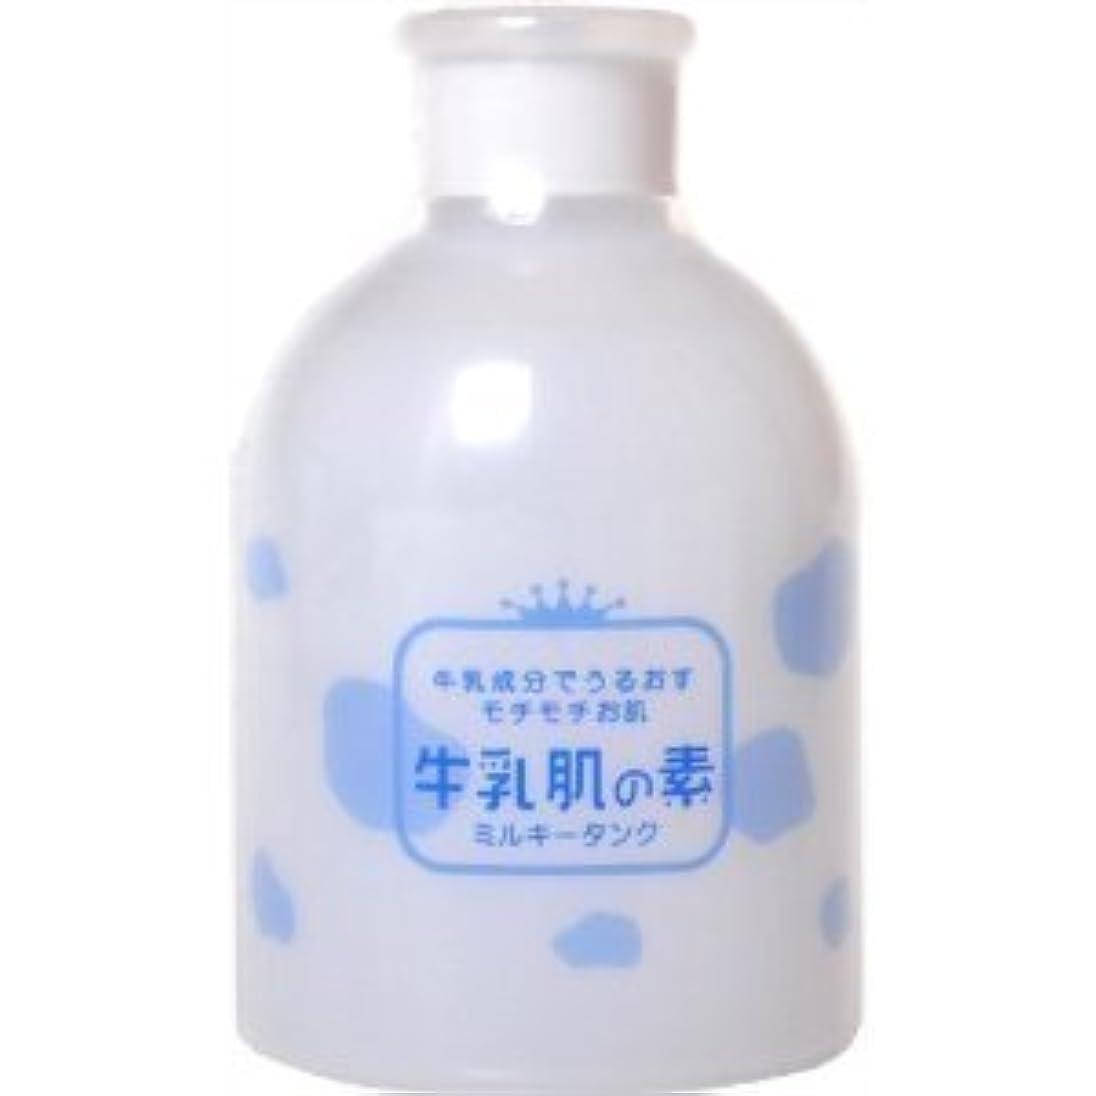 頑張る取り除く鮮やかな牛乳肌の素 ミルキータンク(化粧水) 300ml×4個セット